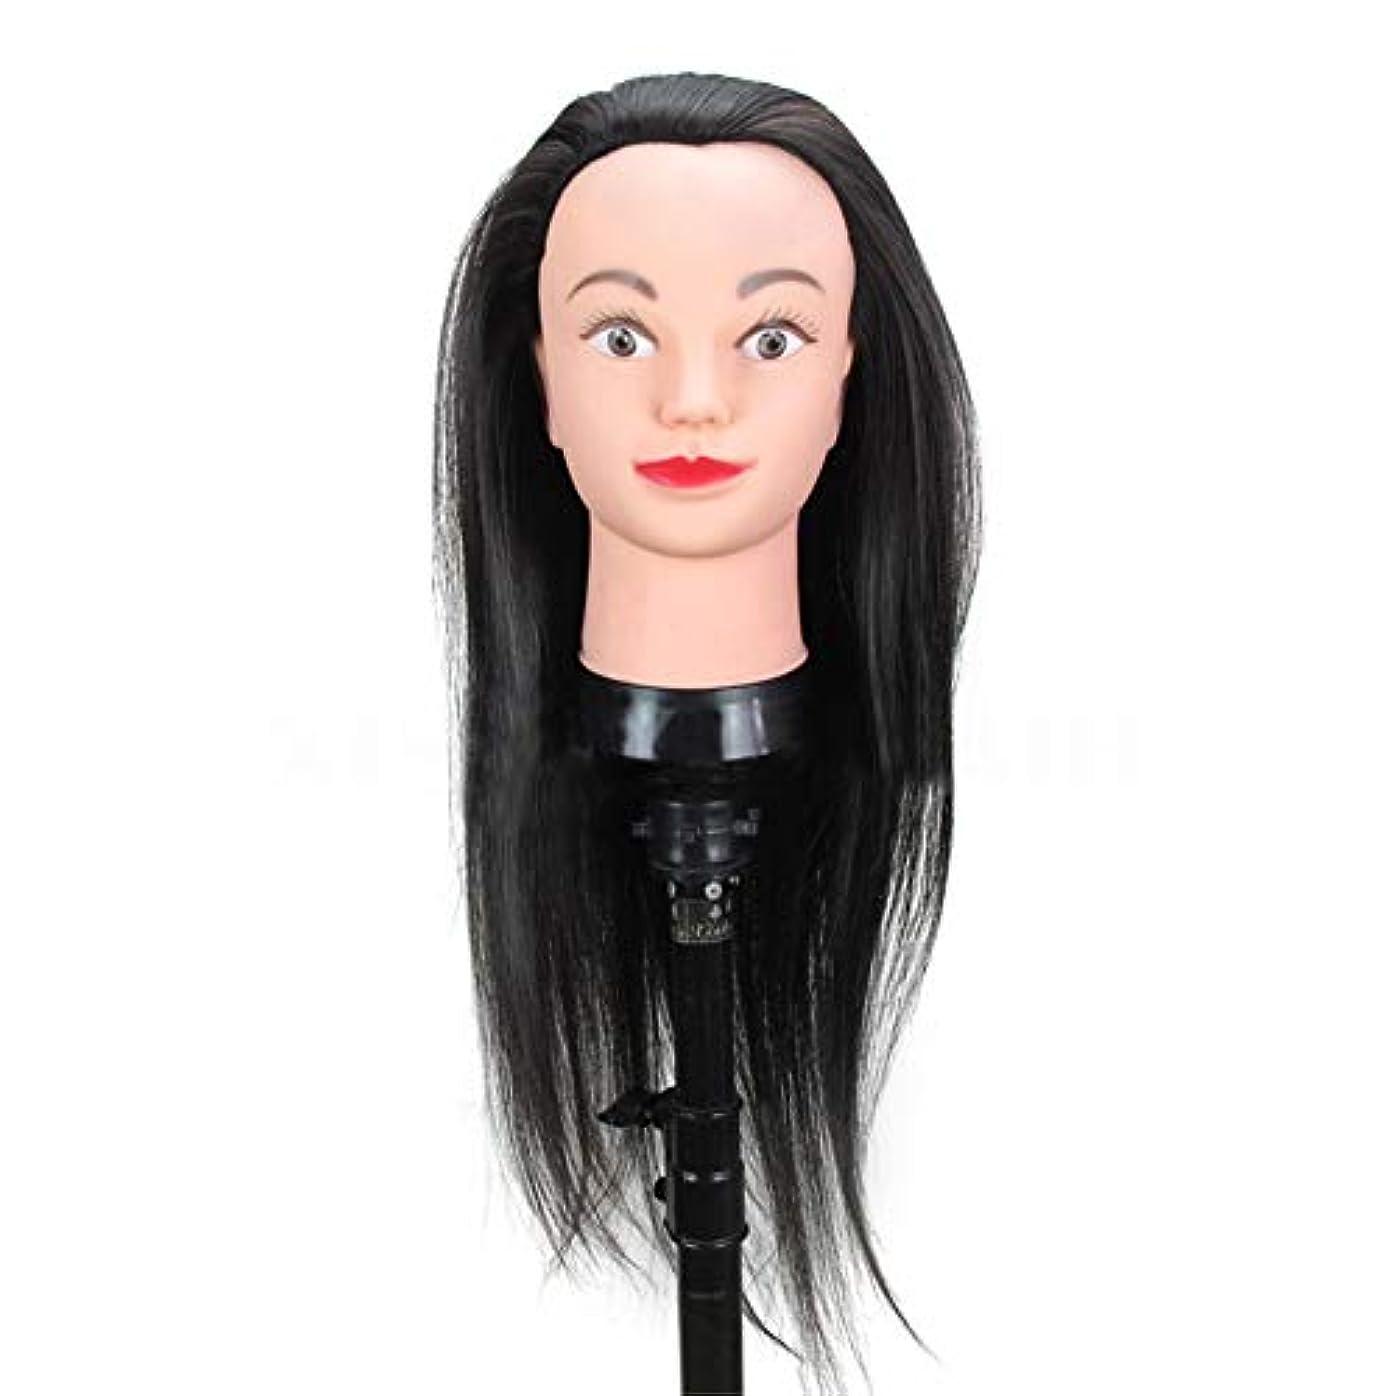 耐える結果として葉高温シルク編組ヘアスタイリングヘッドモデル理髪店理髪ダミーヘッド化粧練習マネキンヘッド